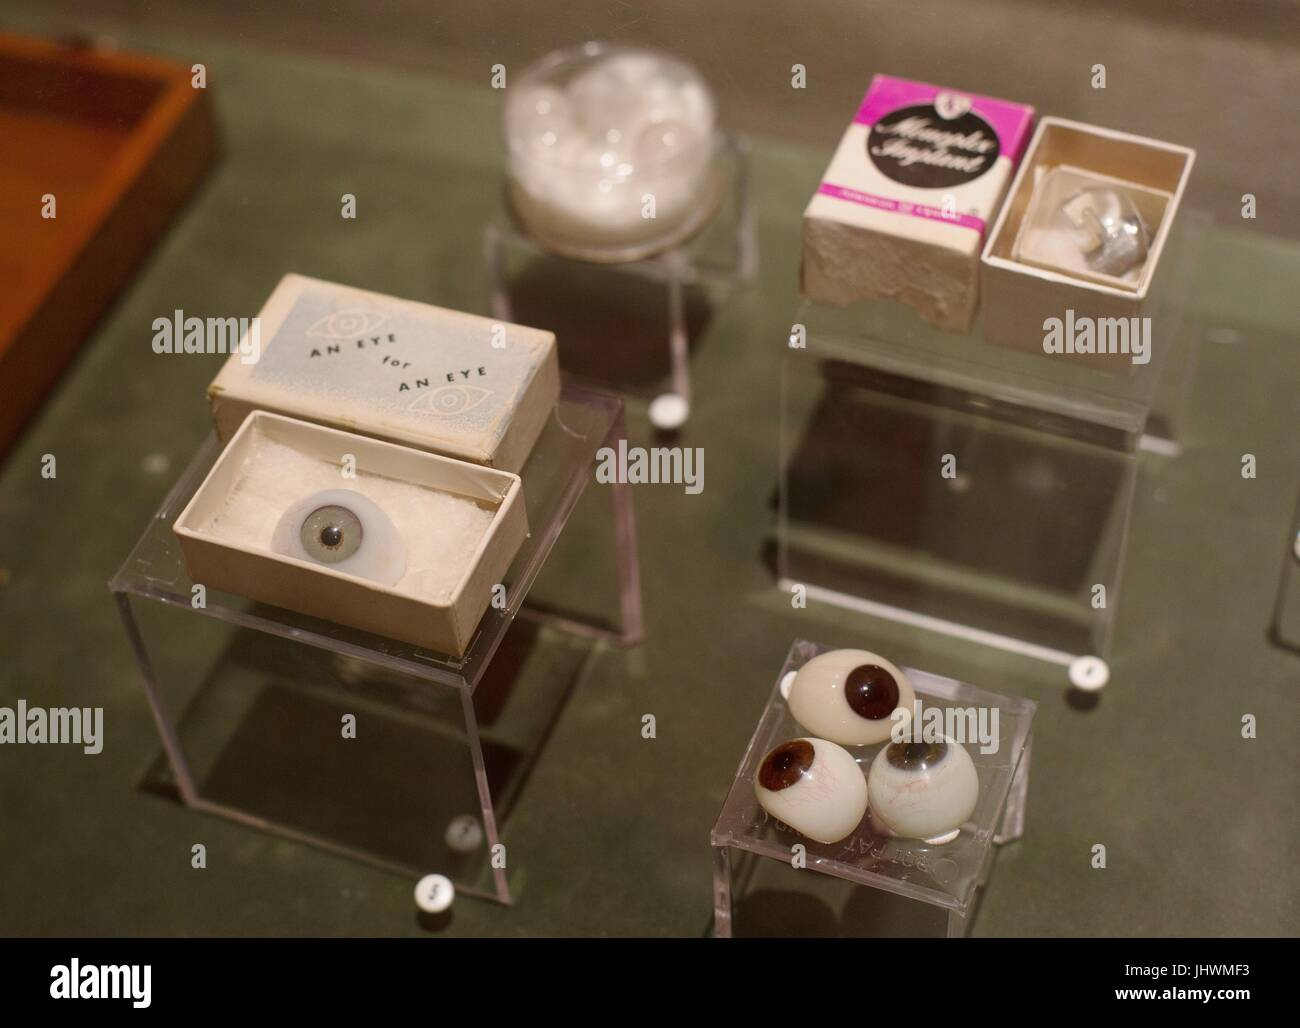 Una pantalla de prótesis de ojos en el Museo Internacional de Ciencias Quirúrgicas en Chicago, Illinois, Imagen De Stock